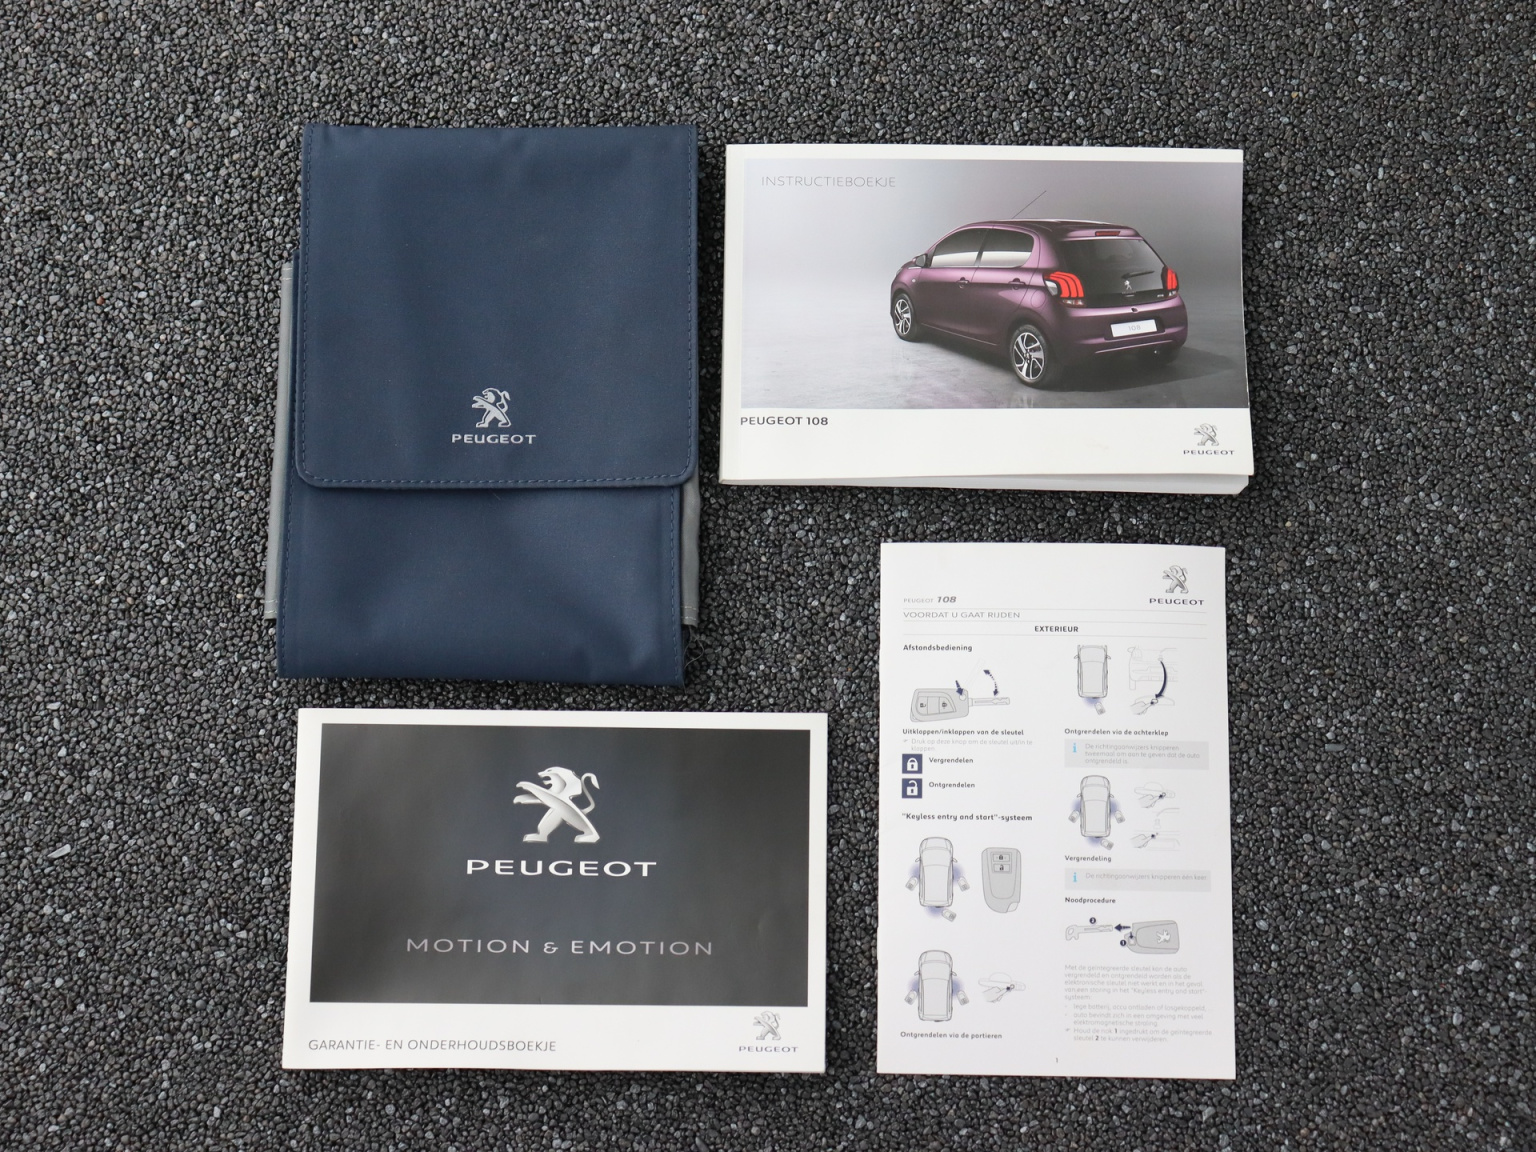 Peugeot-108-45